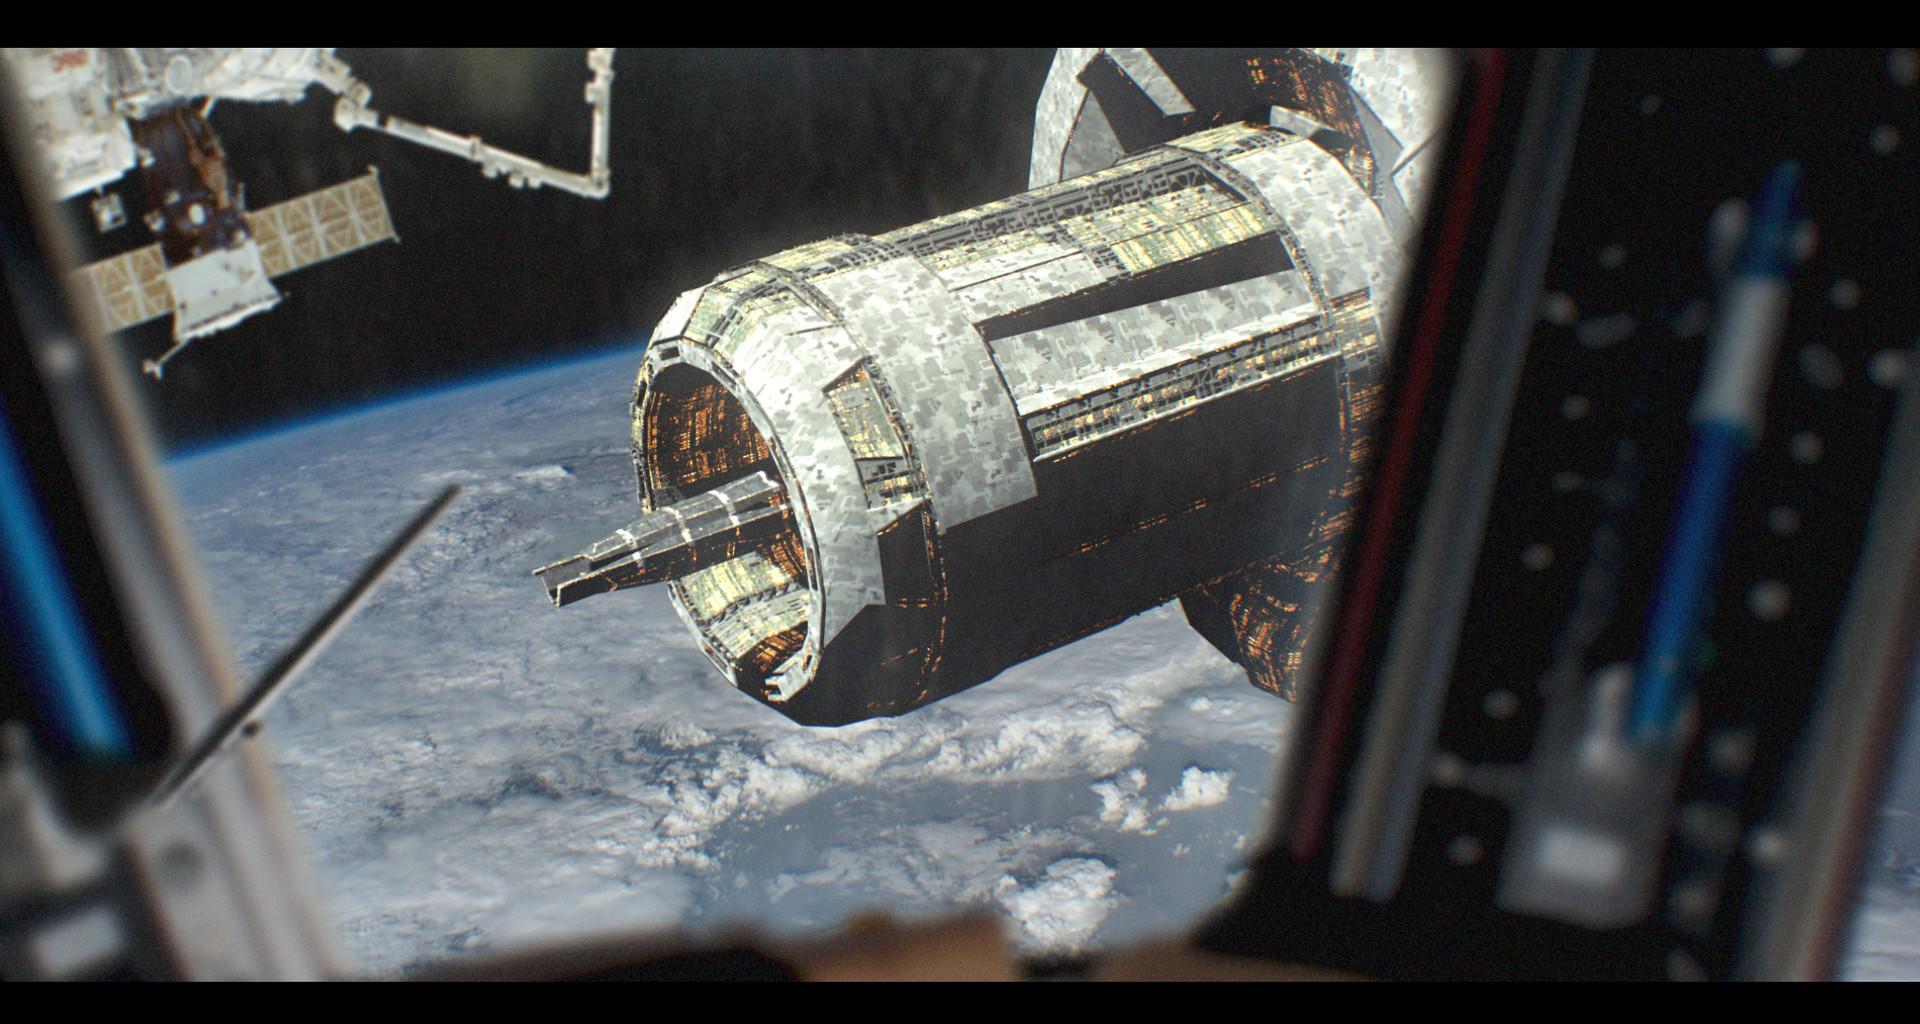 Oskar mnich space station v002